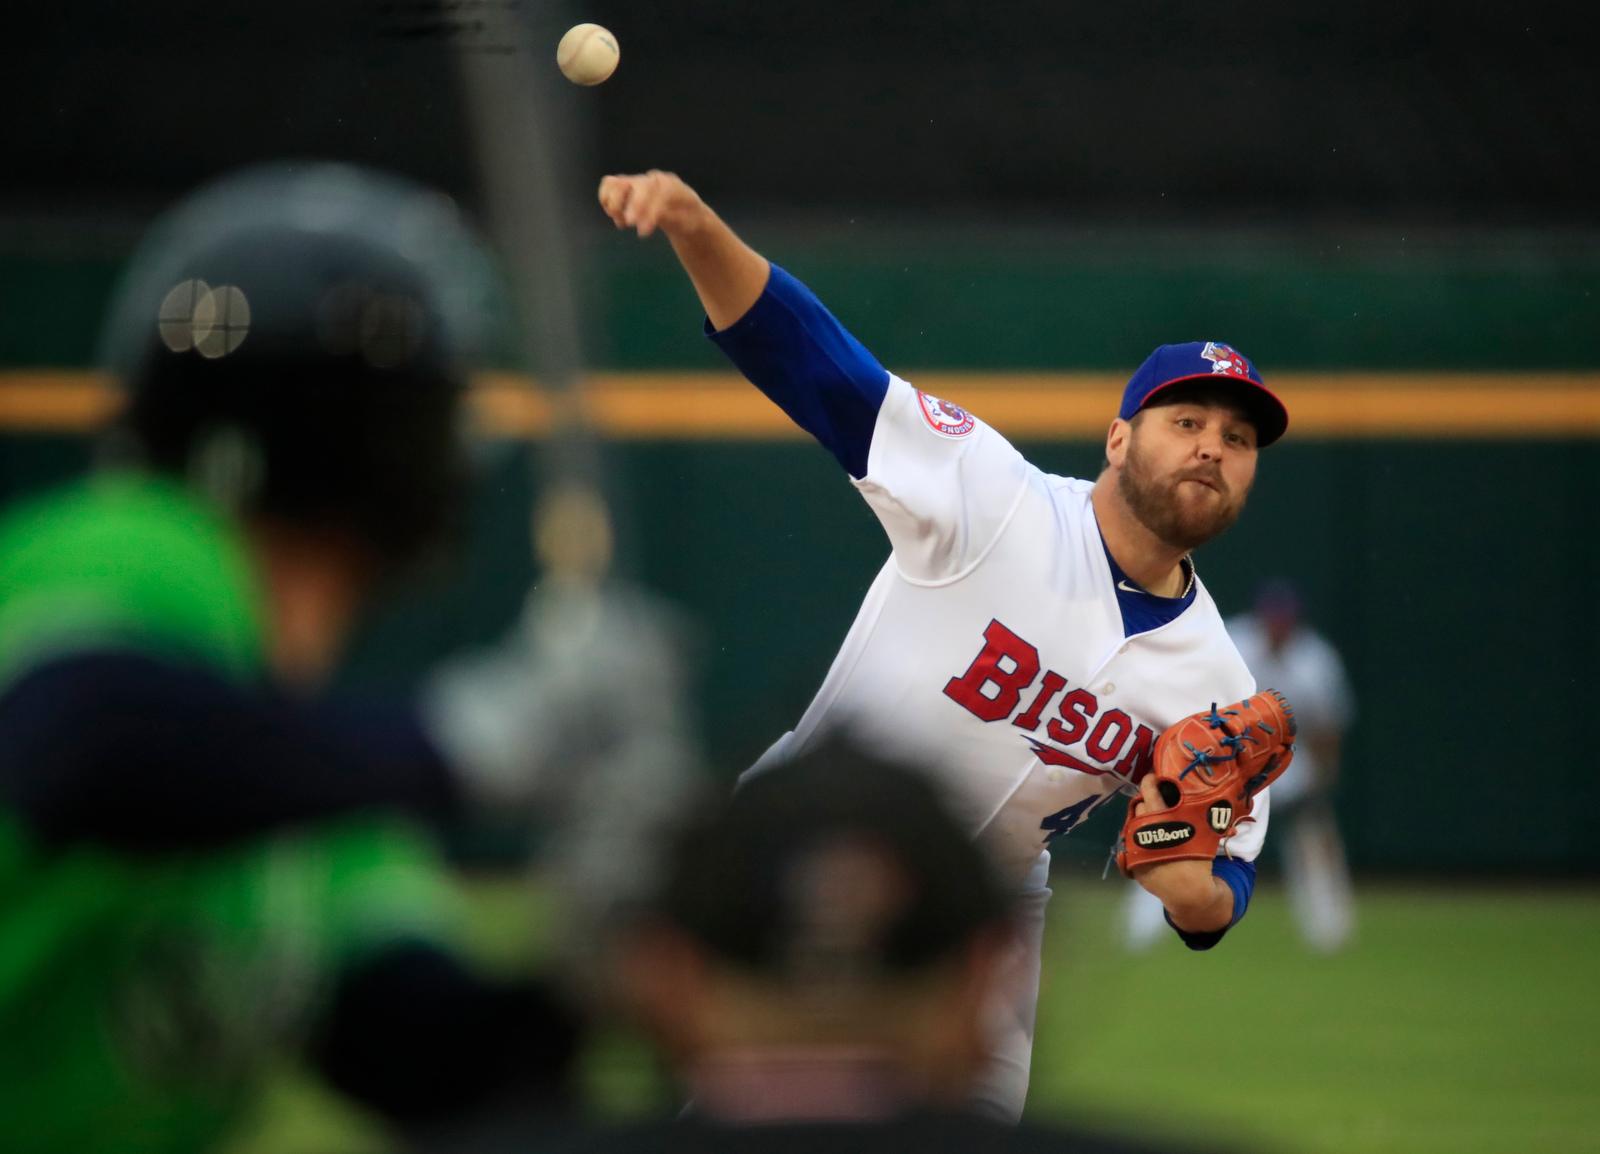 Morimando-Bisons-Stripers-Scull-Minor League Baseball-Sahlen Field-Scull